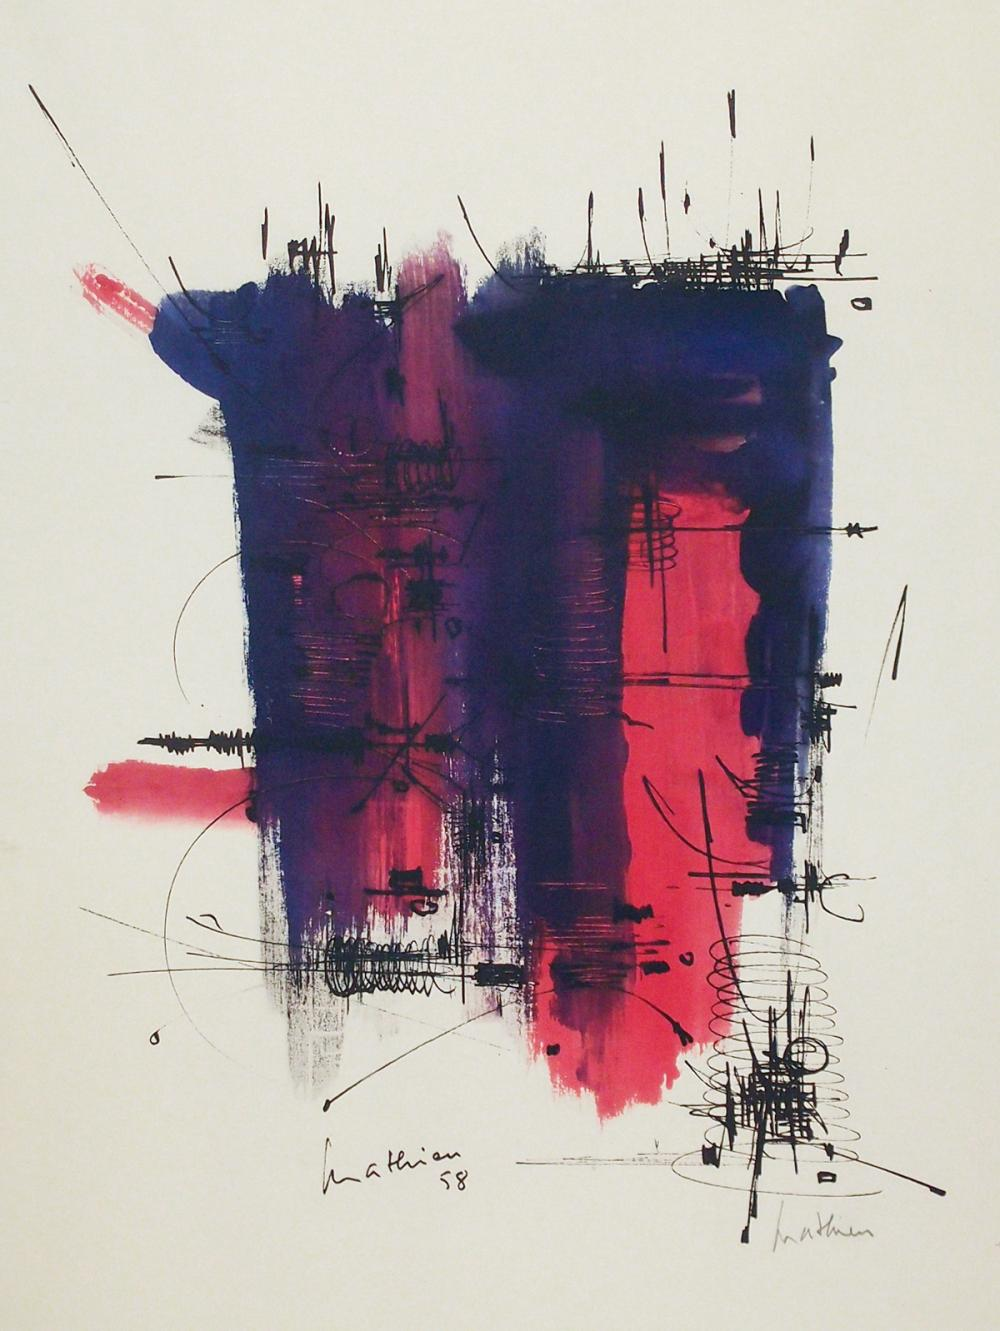 Ohne Titel. Farb. Lithographie. 1958. 51 x 41 cm (70 x 50 cm). Signiert und nummeriert; im Stein zusätzlich signiert. (1)